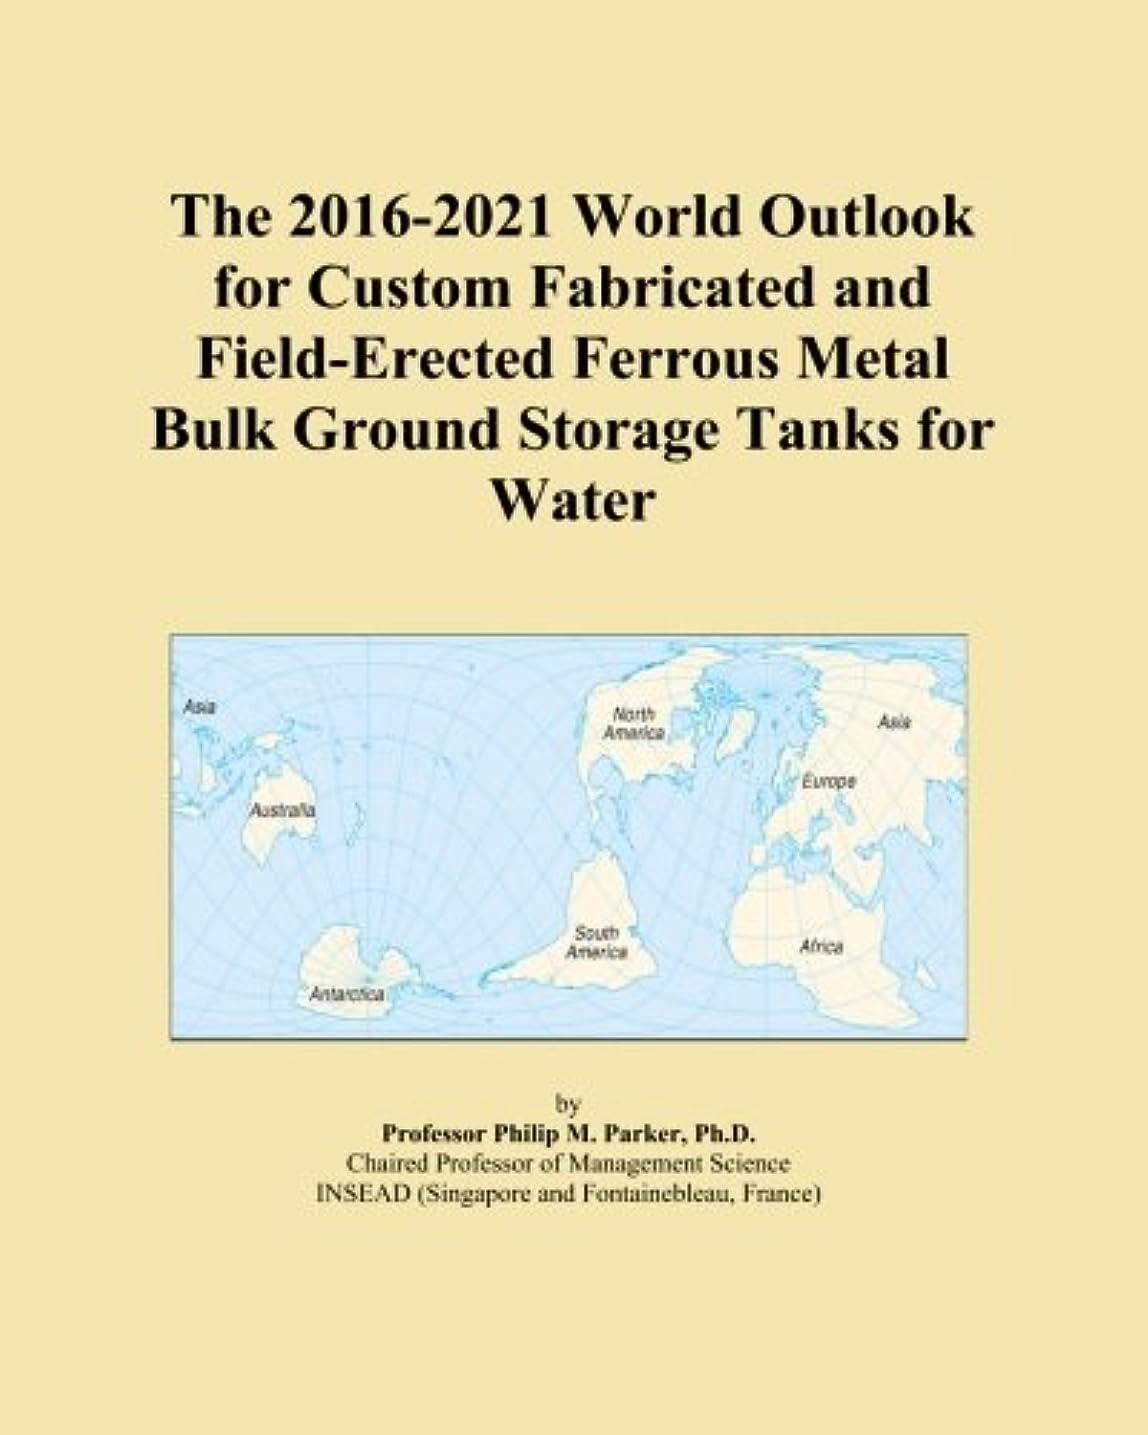 乱用ラッドヤードキップリング過敏なThe 2016-2021 World Outlook for Custom Fabricated and Field-Erected Ferrous Metal Bulk Ground Storage Tanks for Water